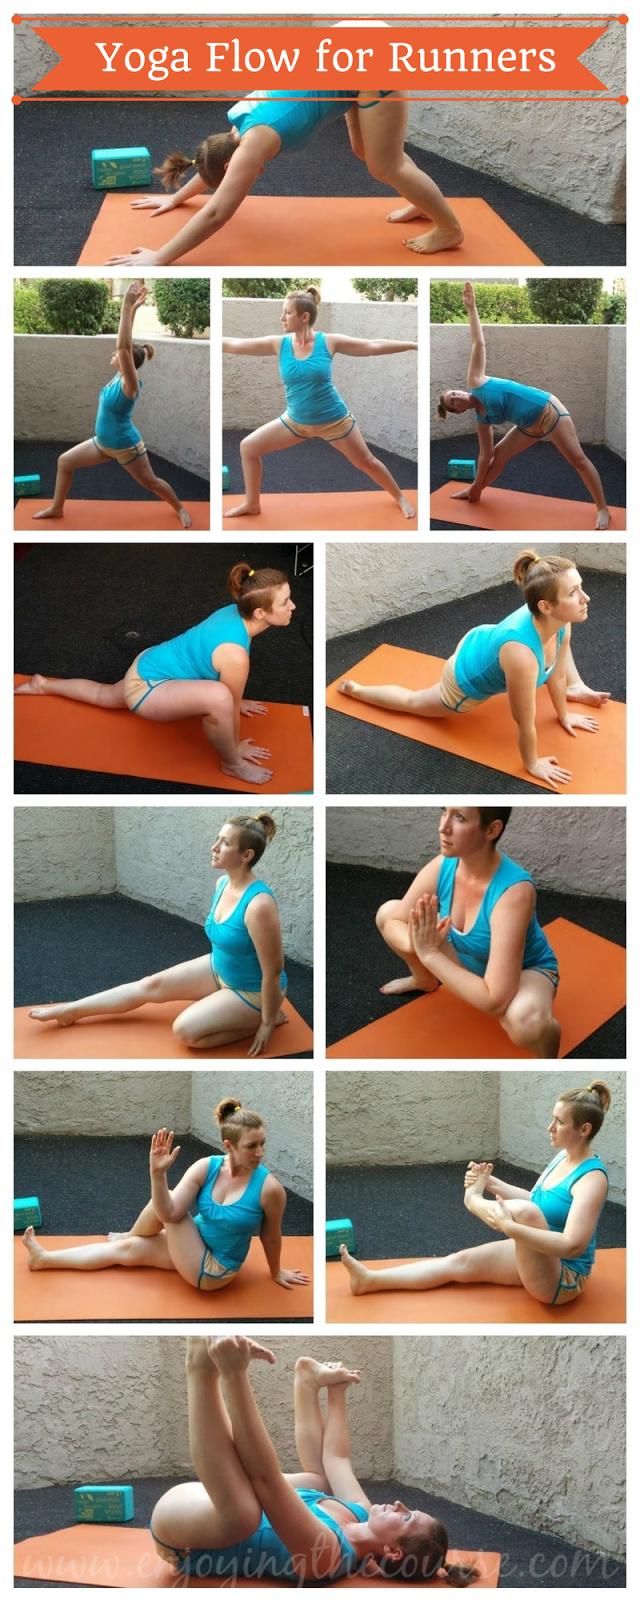 Yoga Flow for Runners | enjoyingthecourse.com